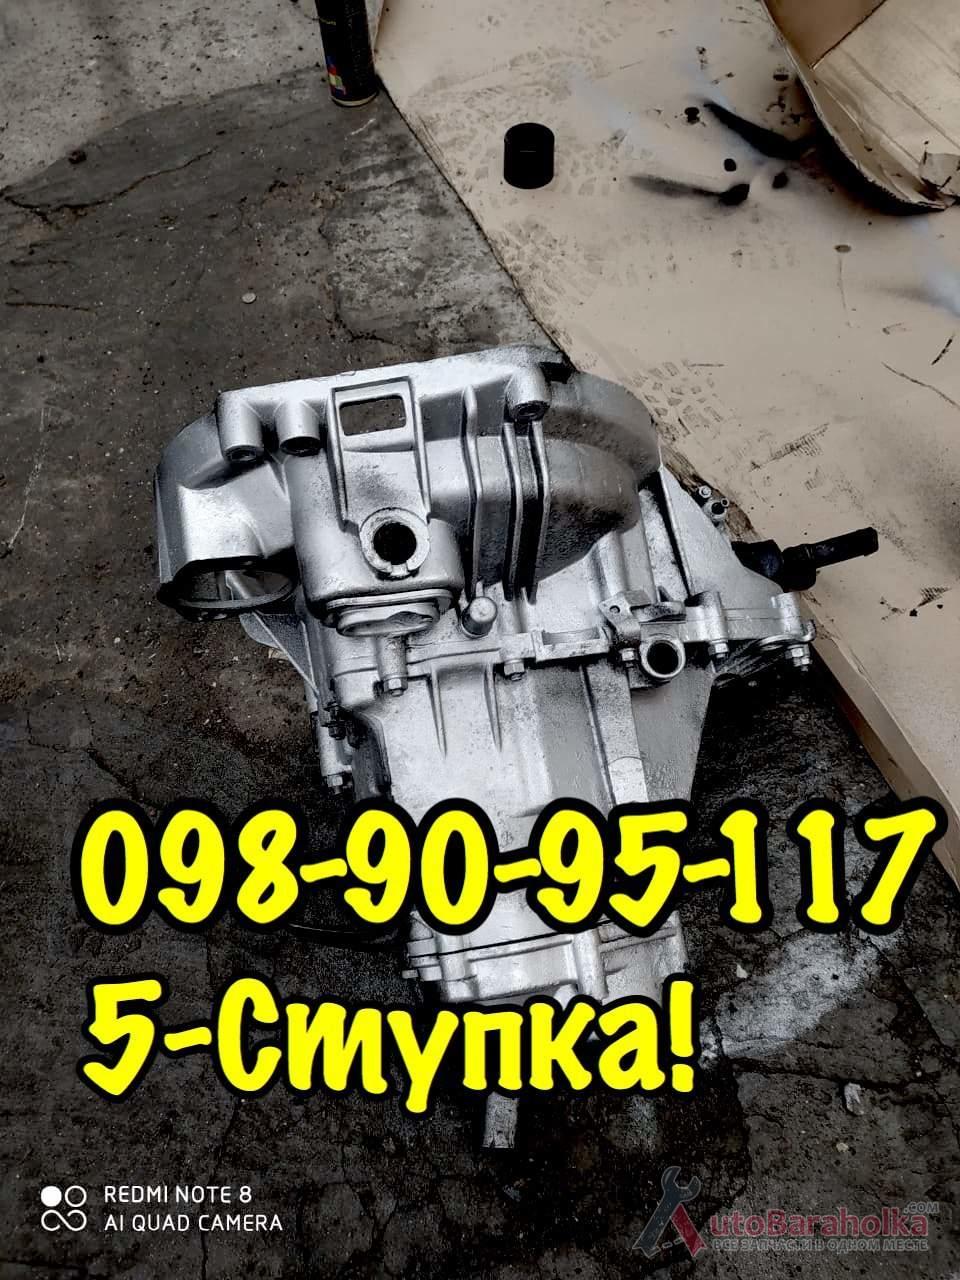 Продам КПП ВАЗ 2108 2109 2110 2112 2115 Все передачи включаются и не выбивают Одесса